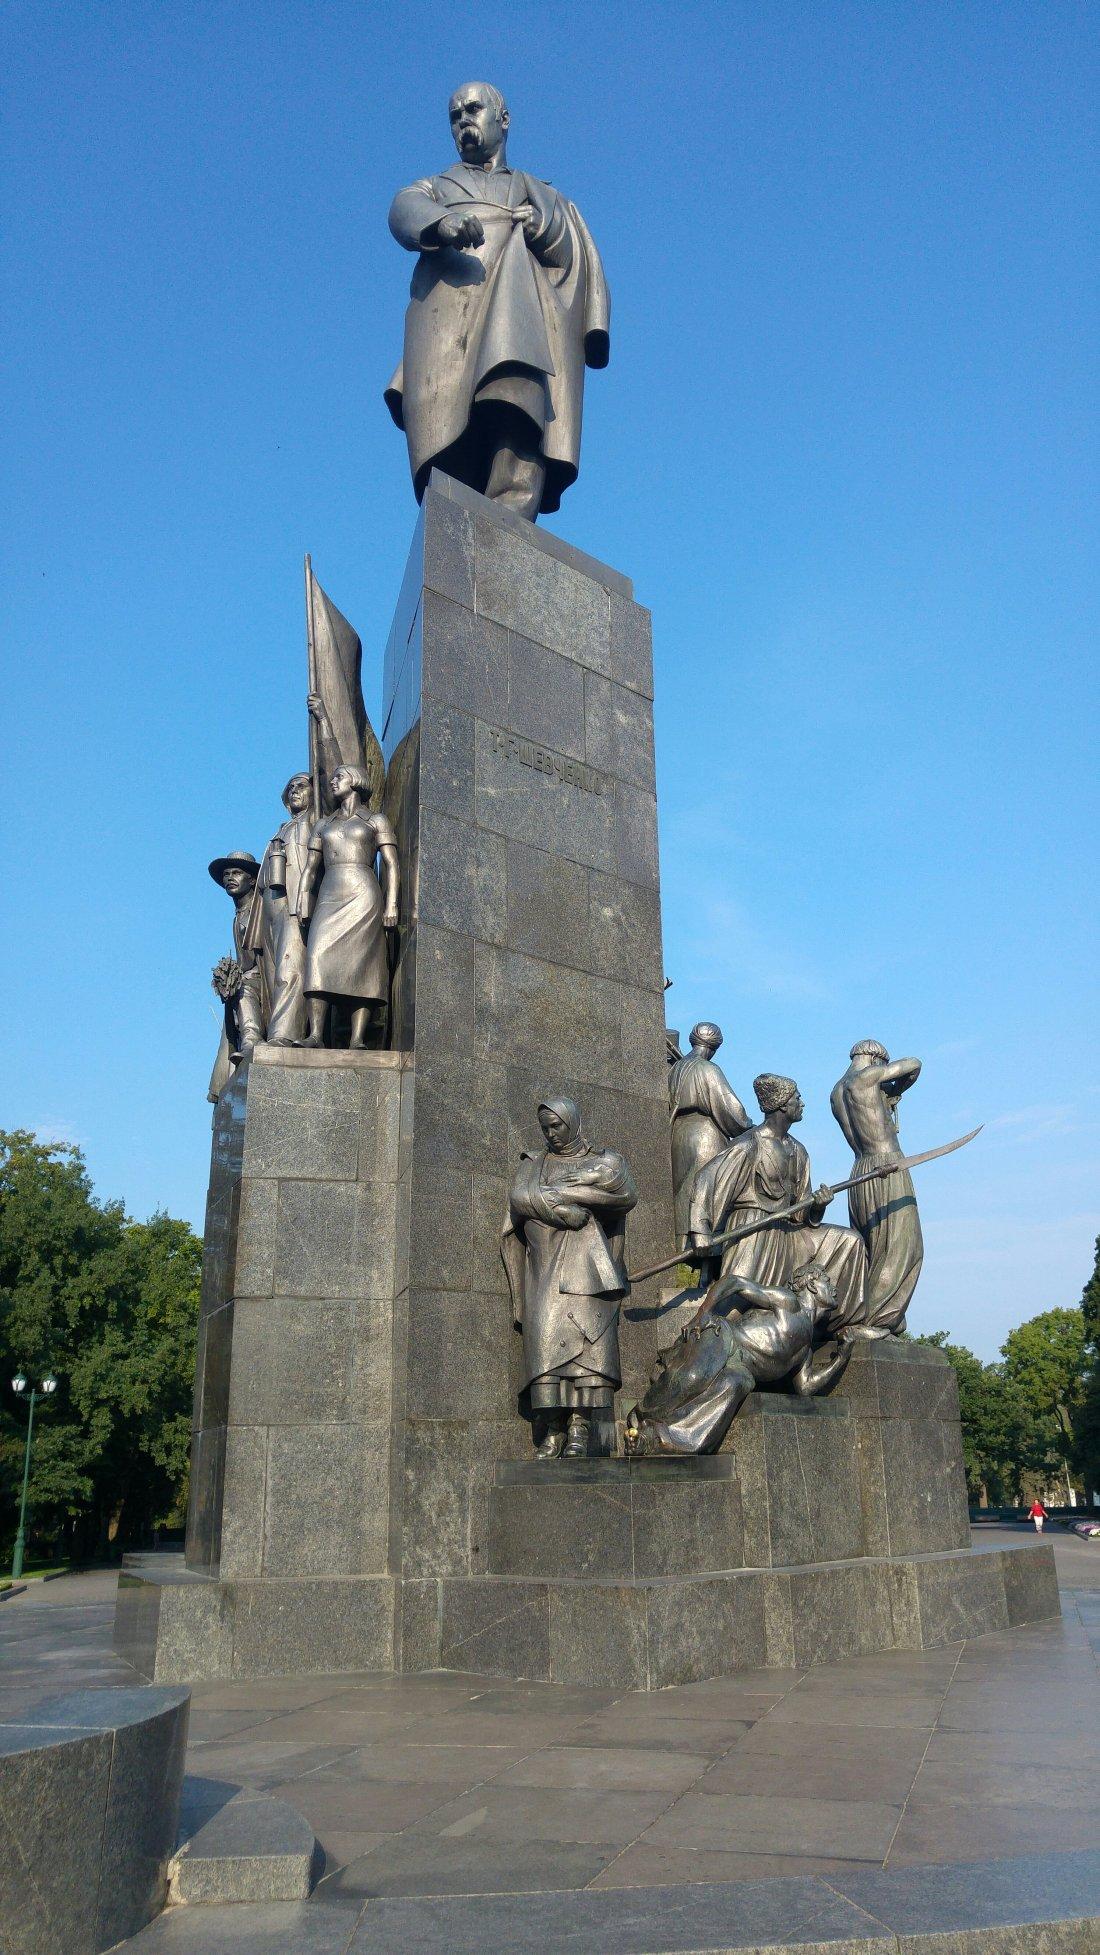 Shevchenka's monument